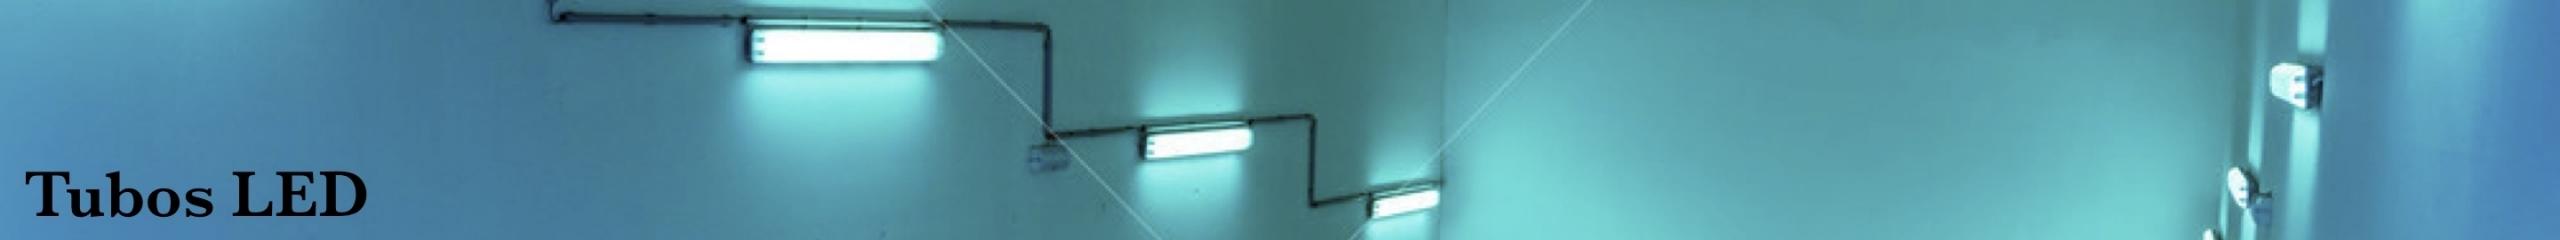 Tubos LED T8 Plástico